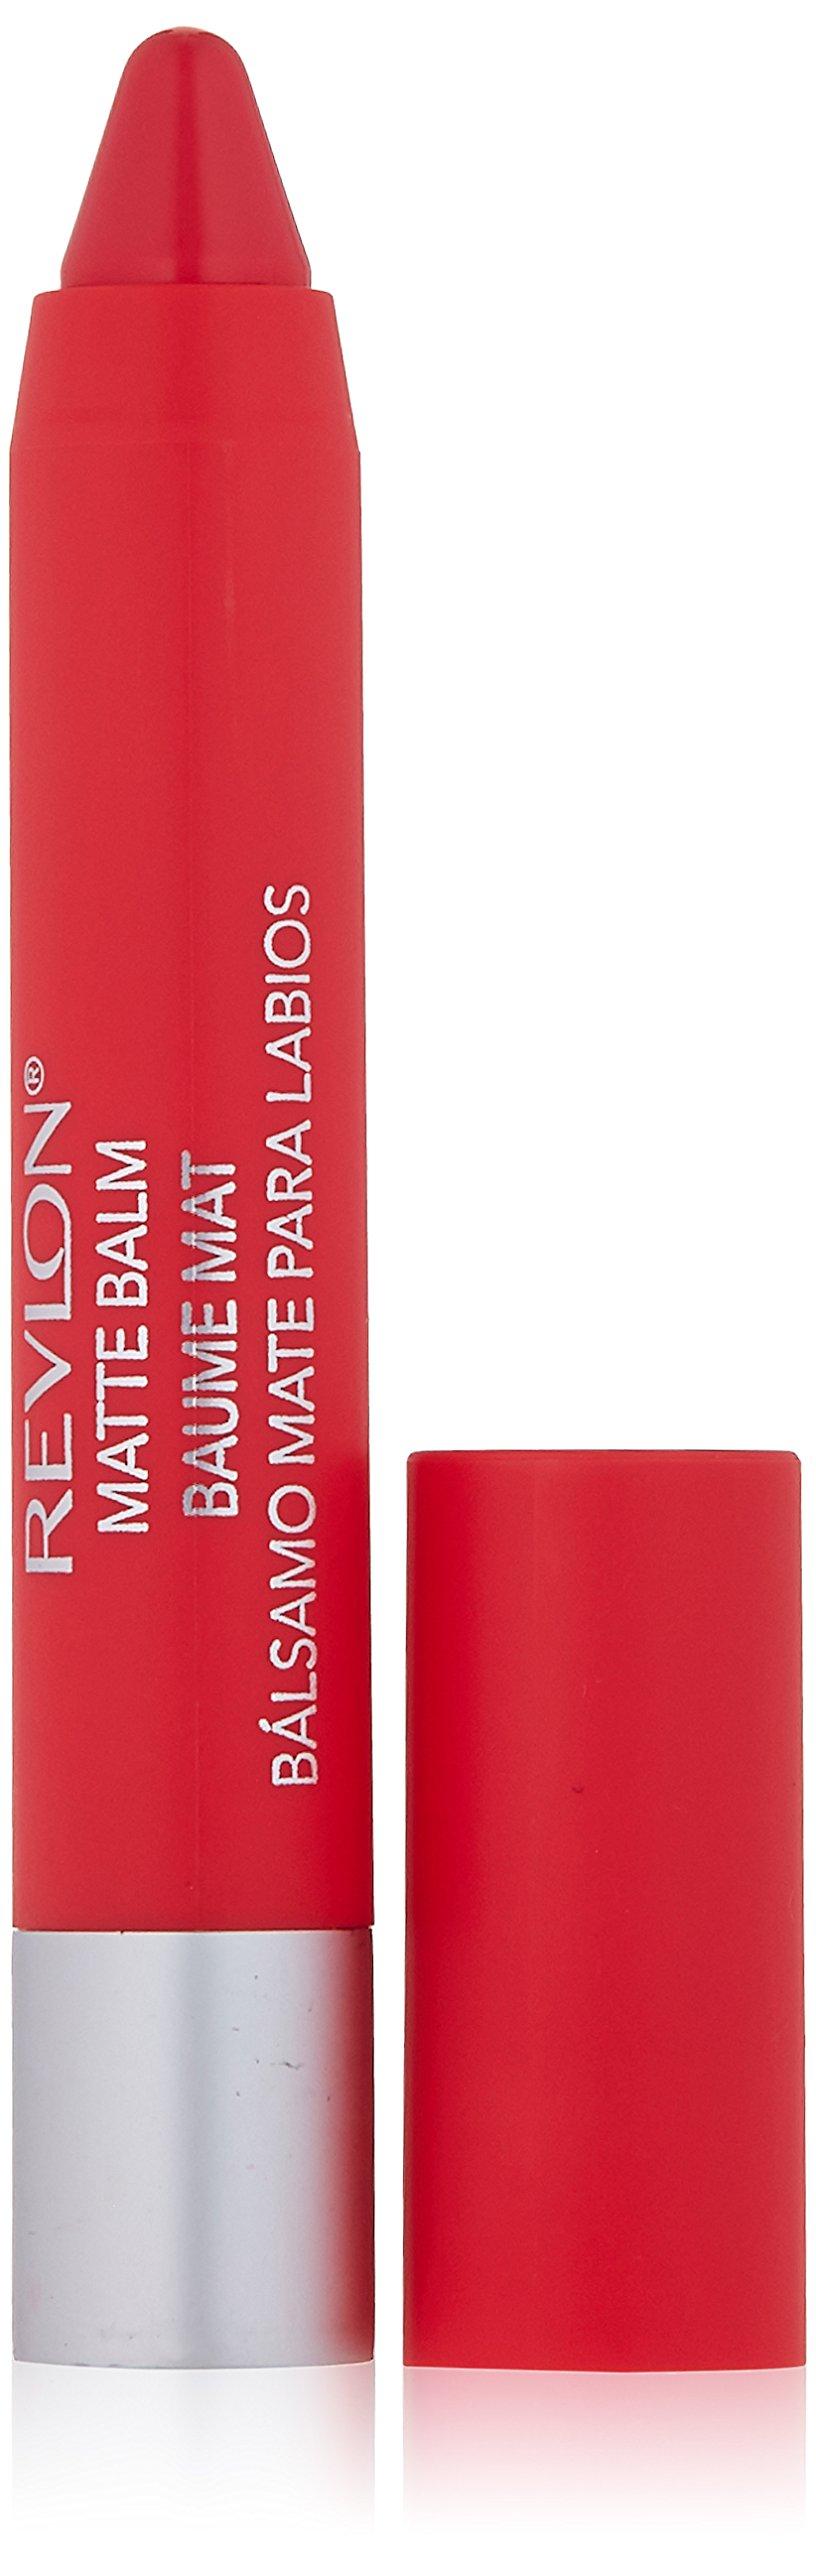 Revlon Colorburst Matte Balm Audacious 245 Beauty Unapologetic